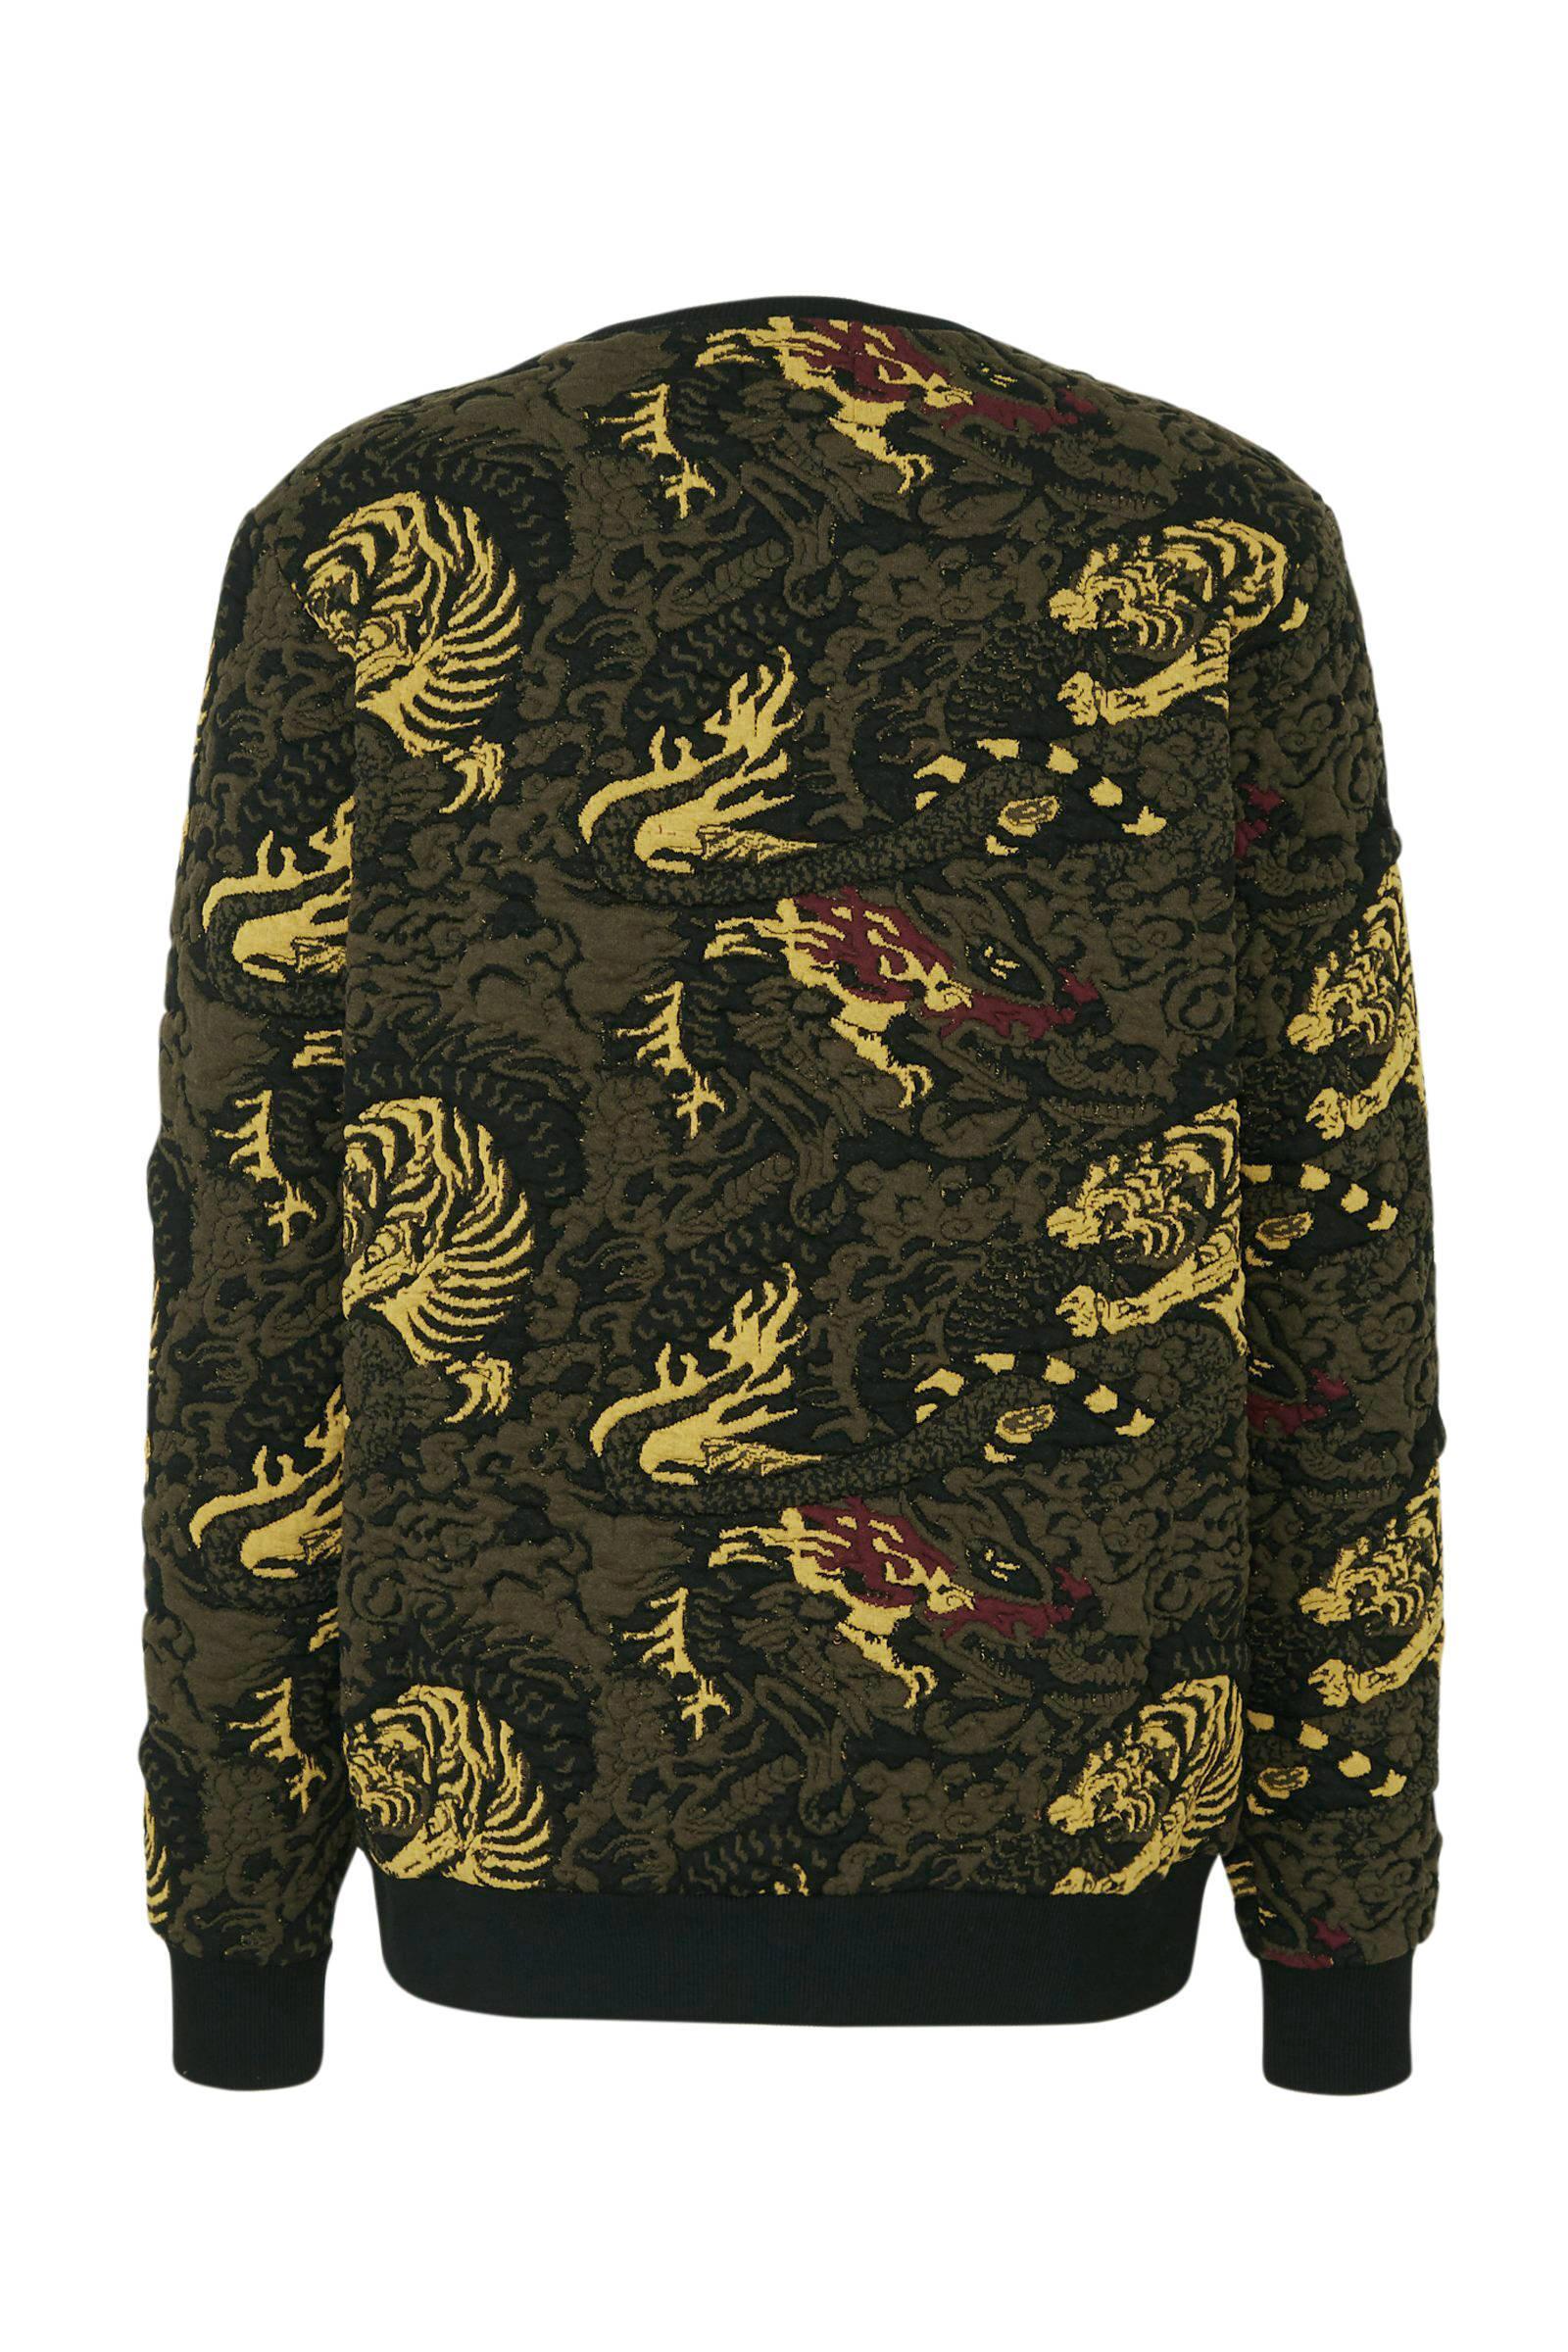 Redefined Rebel Sweater Met All Over Print Zwart/geel/groen in het Zwart voor heren